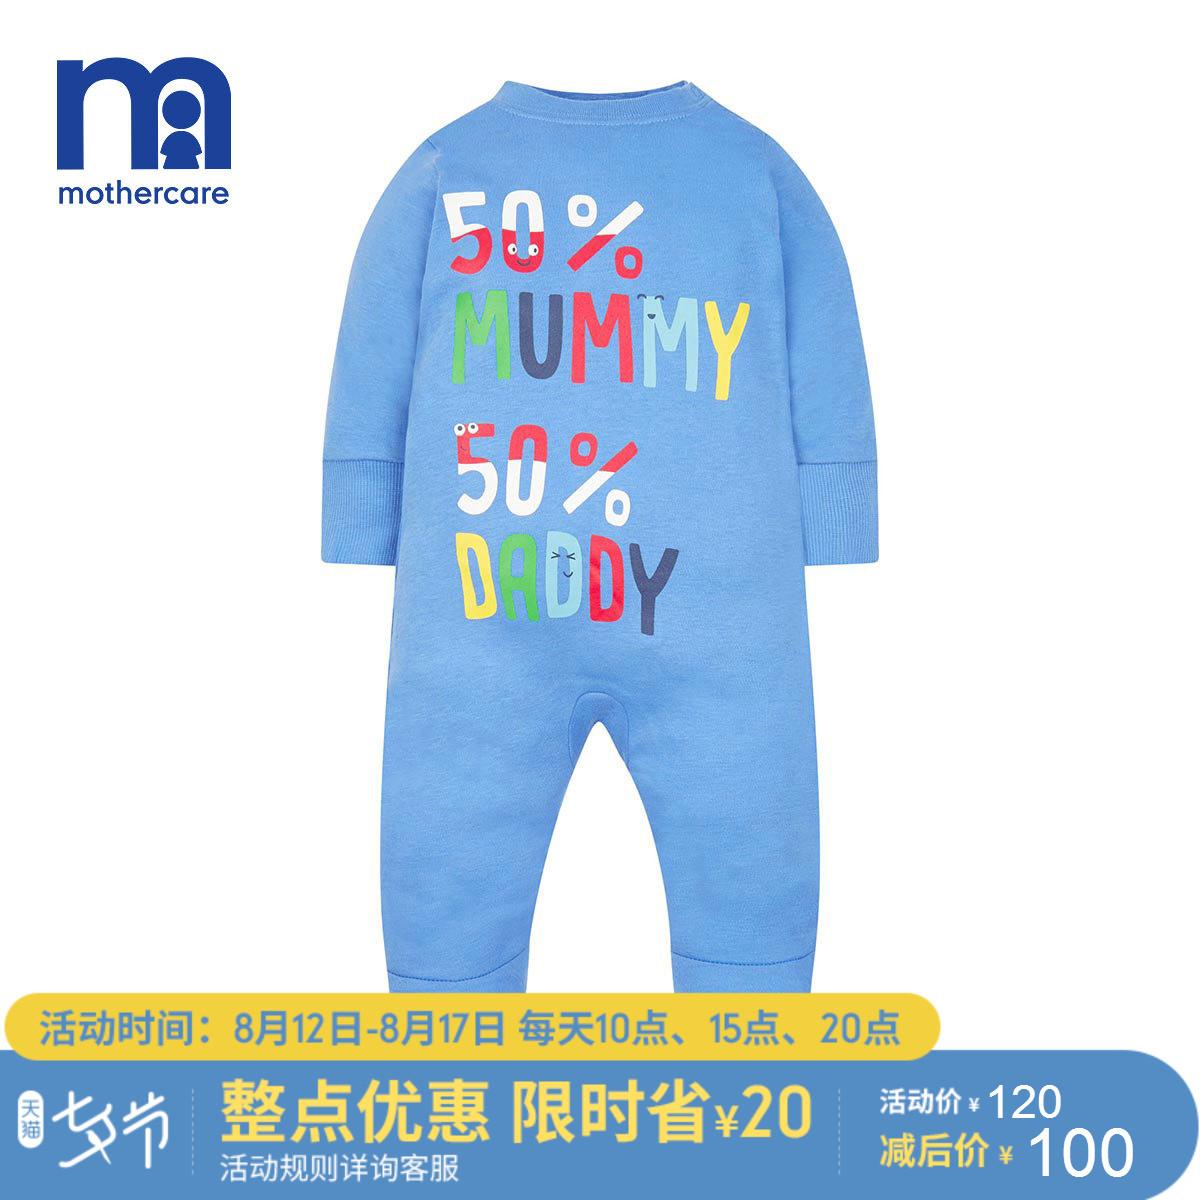 mothercare婴儿连体衣宝宝春秋季棉质撞色字母表情连脚套男婴爬服